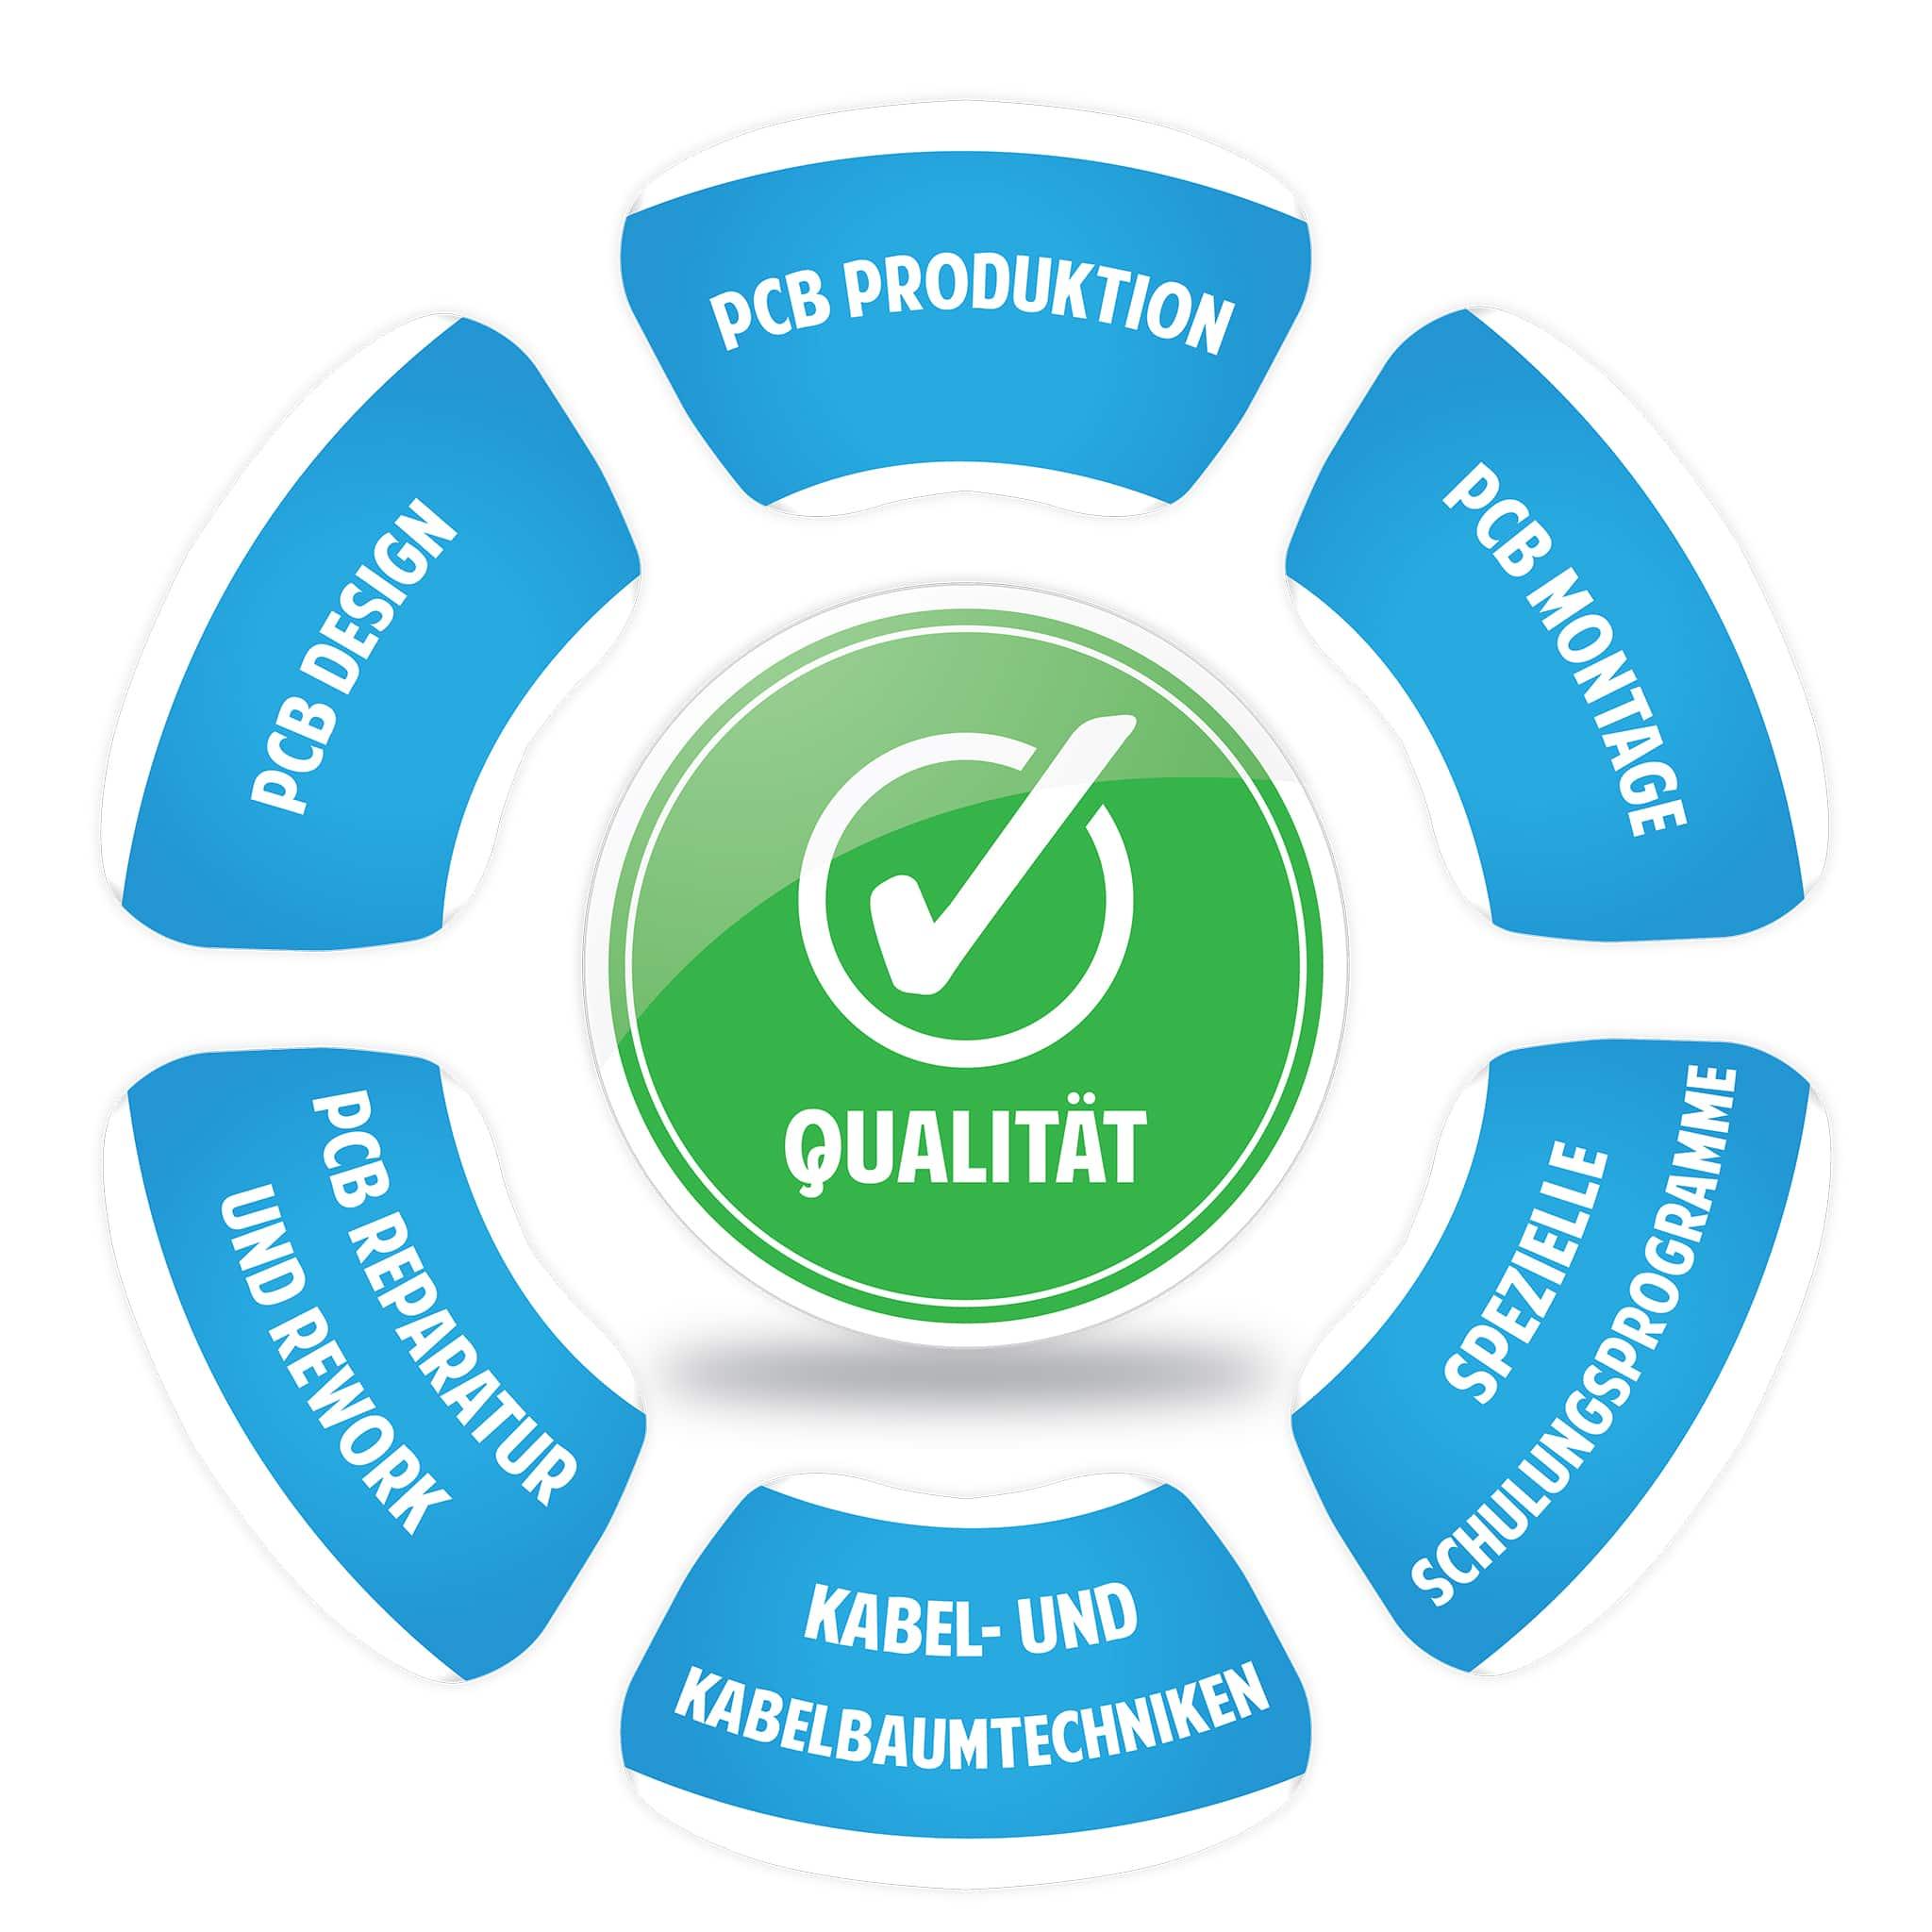 Qualität in der elektronischen Verbindungsindustrie